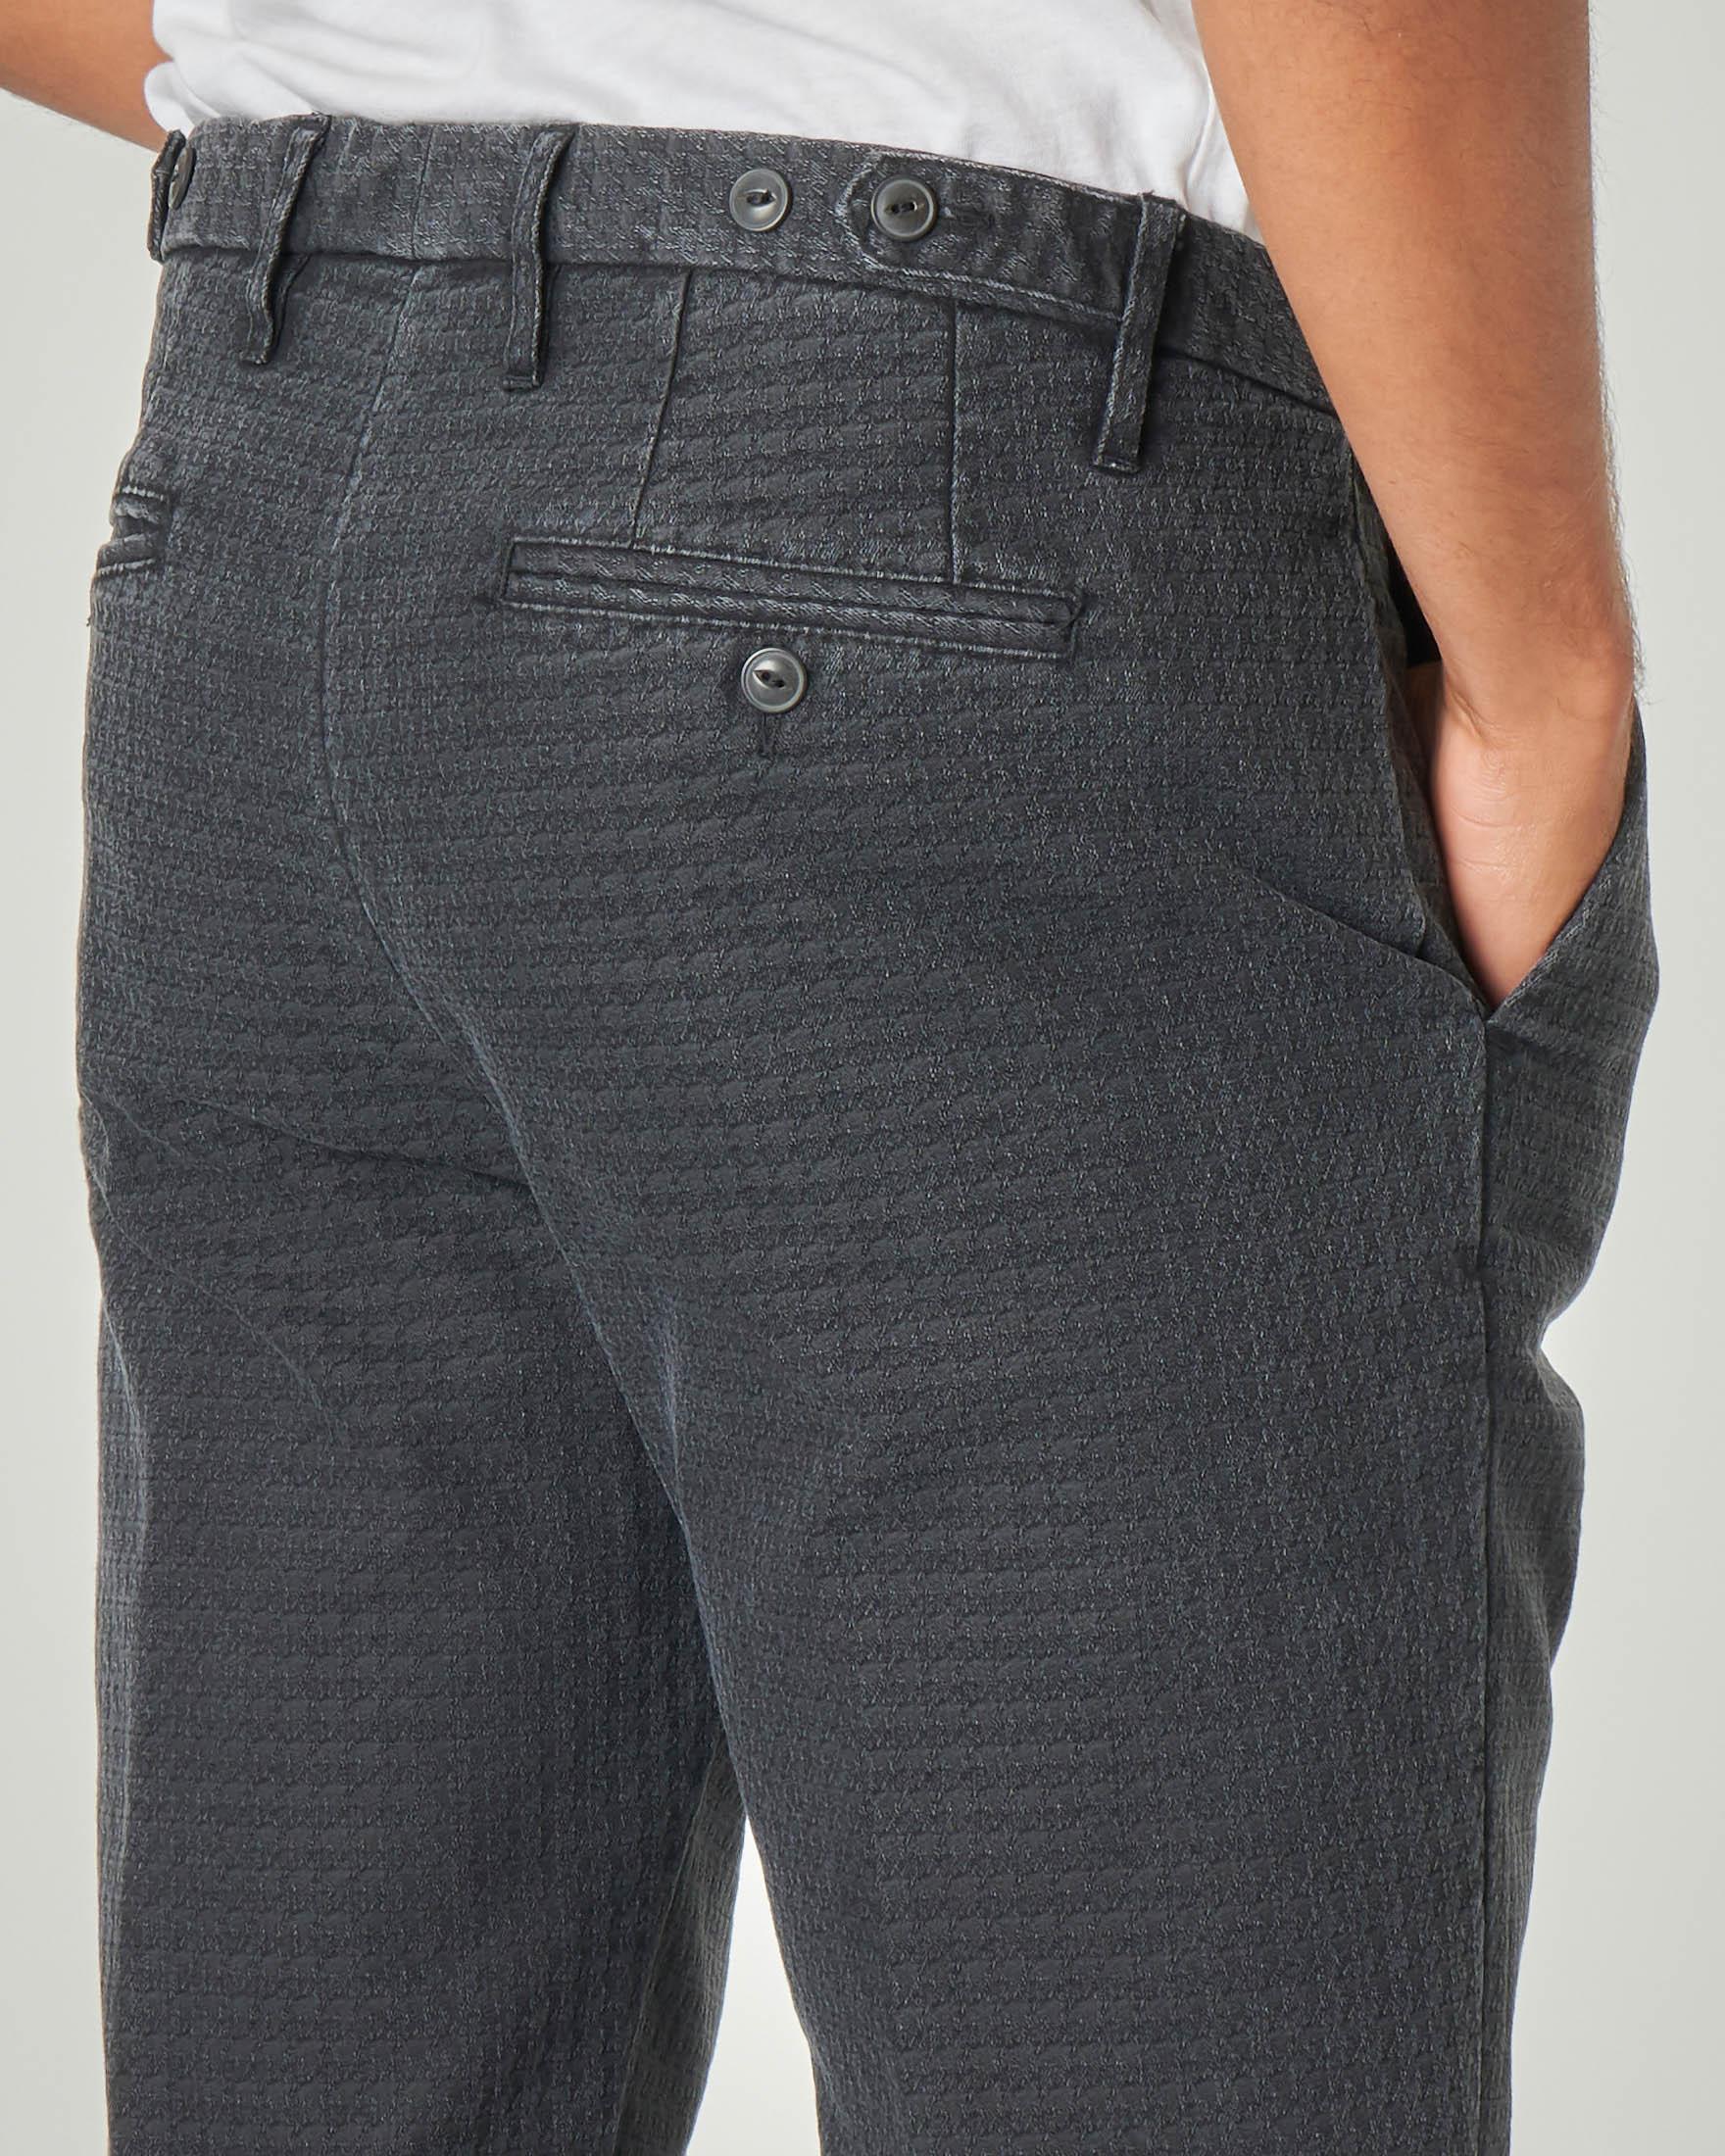 Pantalone chino grigio antracite fantasia pied de poule in cotone stretch con una pinces